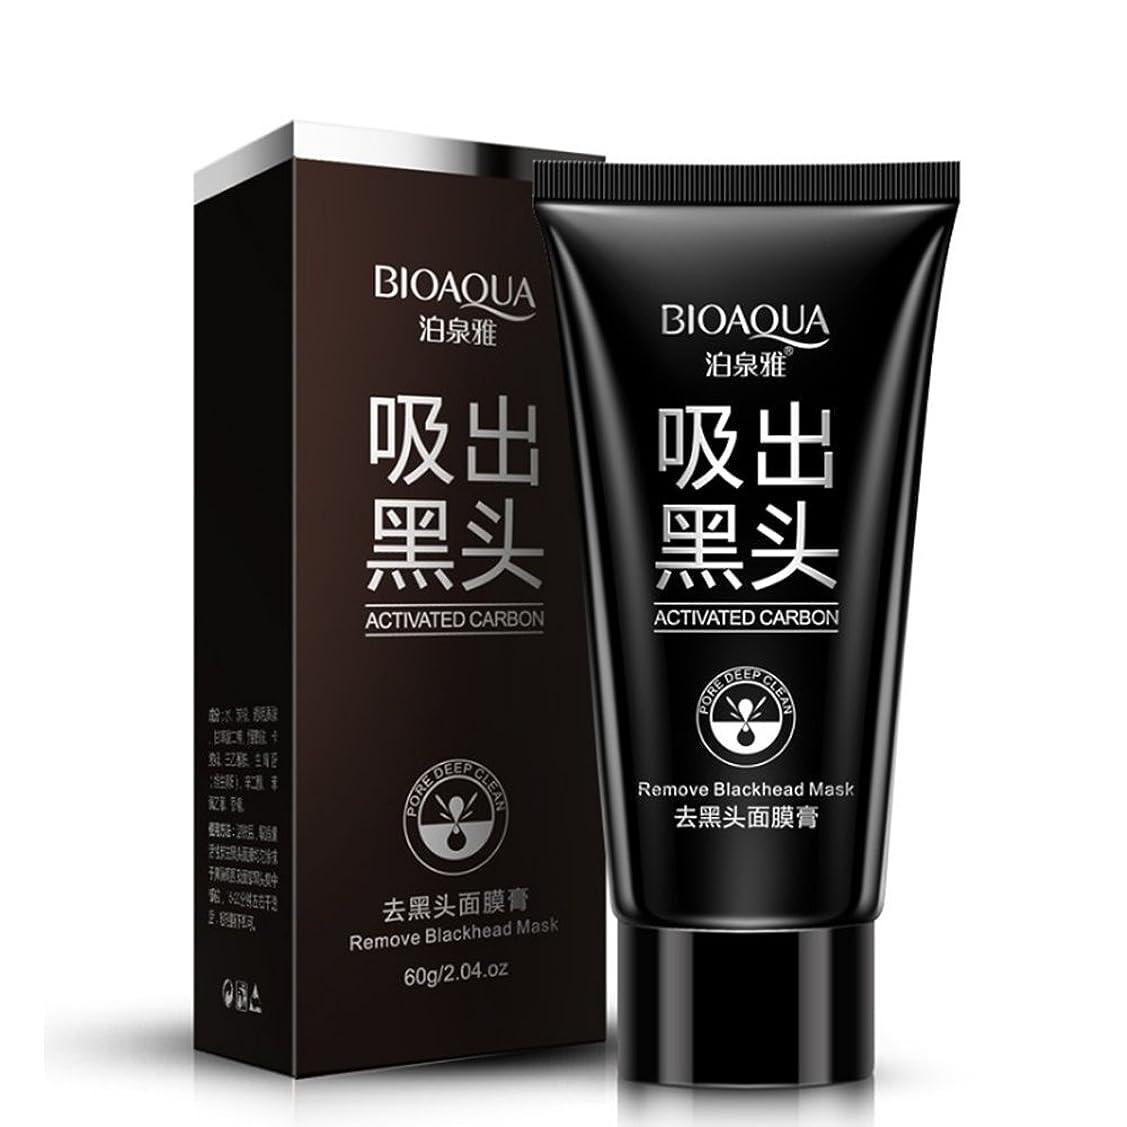 温度計観察晴れSuction Black Mask Shrink Black Head Spots Pores,Face Mask Blackhead Removal Blackheads Cosmetics Facials Moisturizing Skin Care.